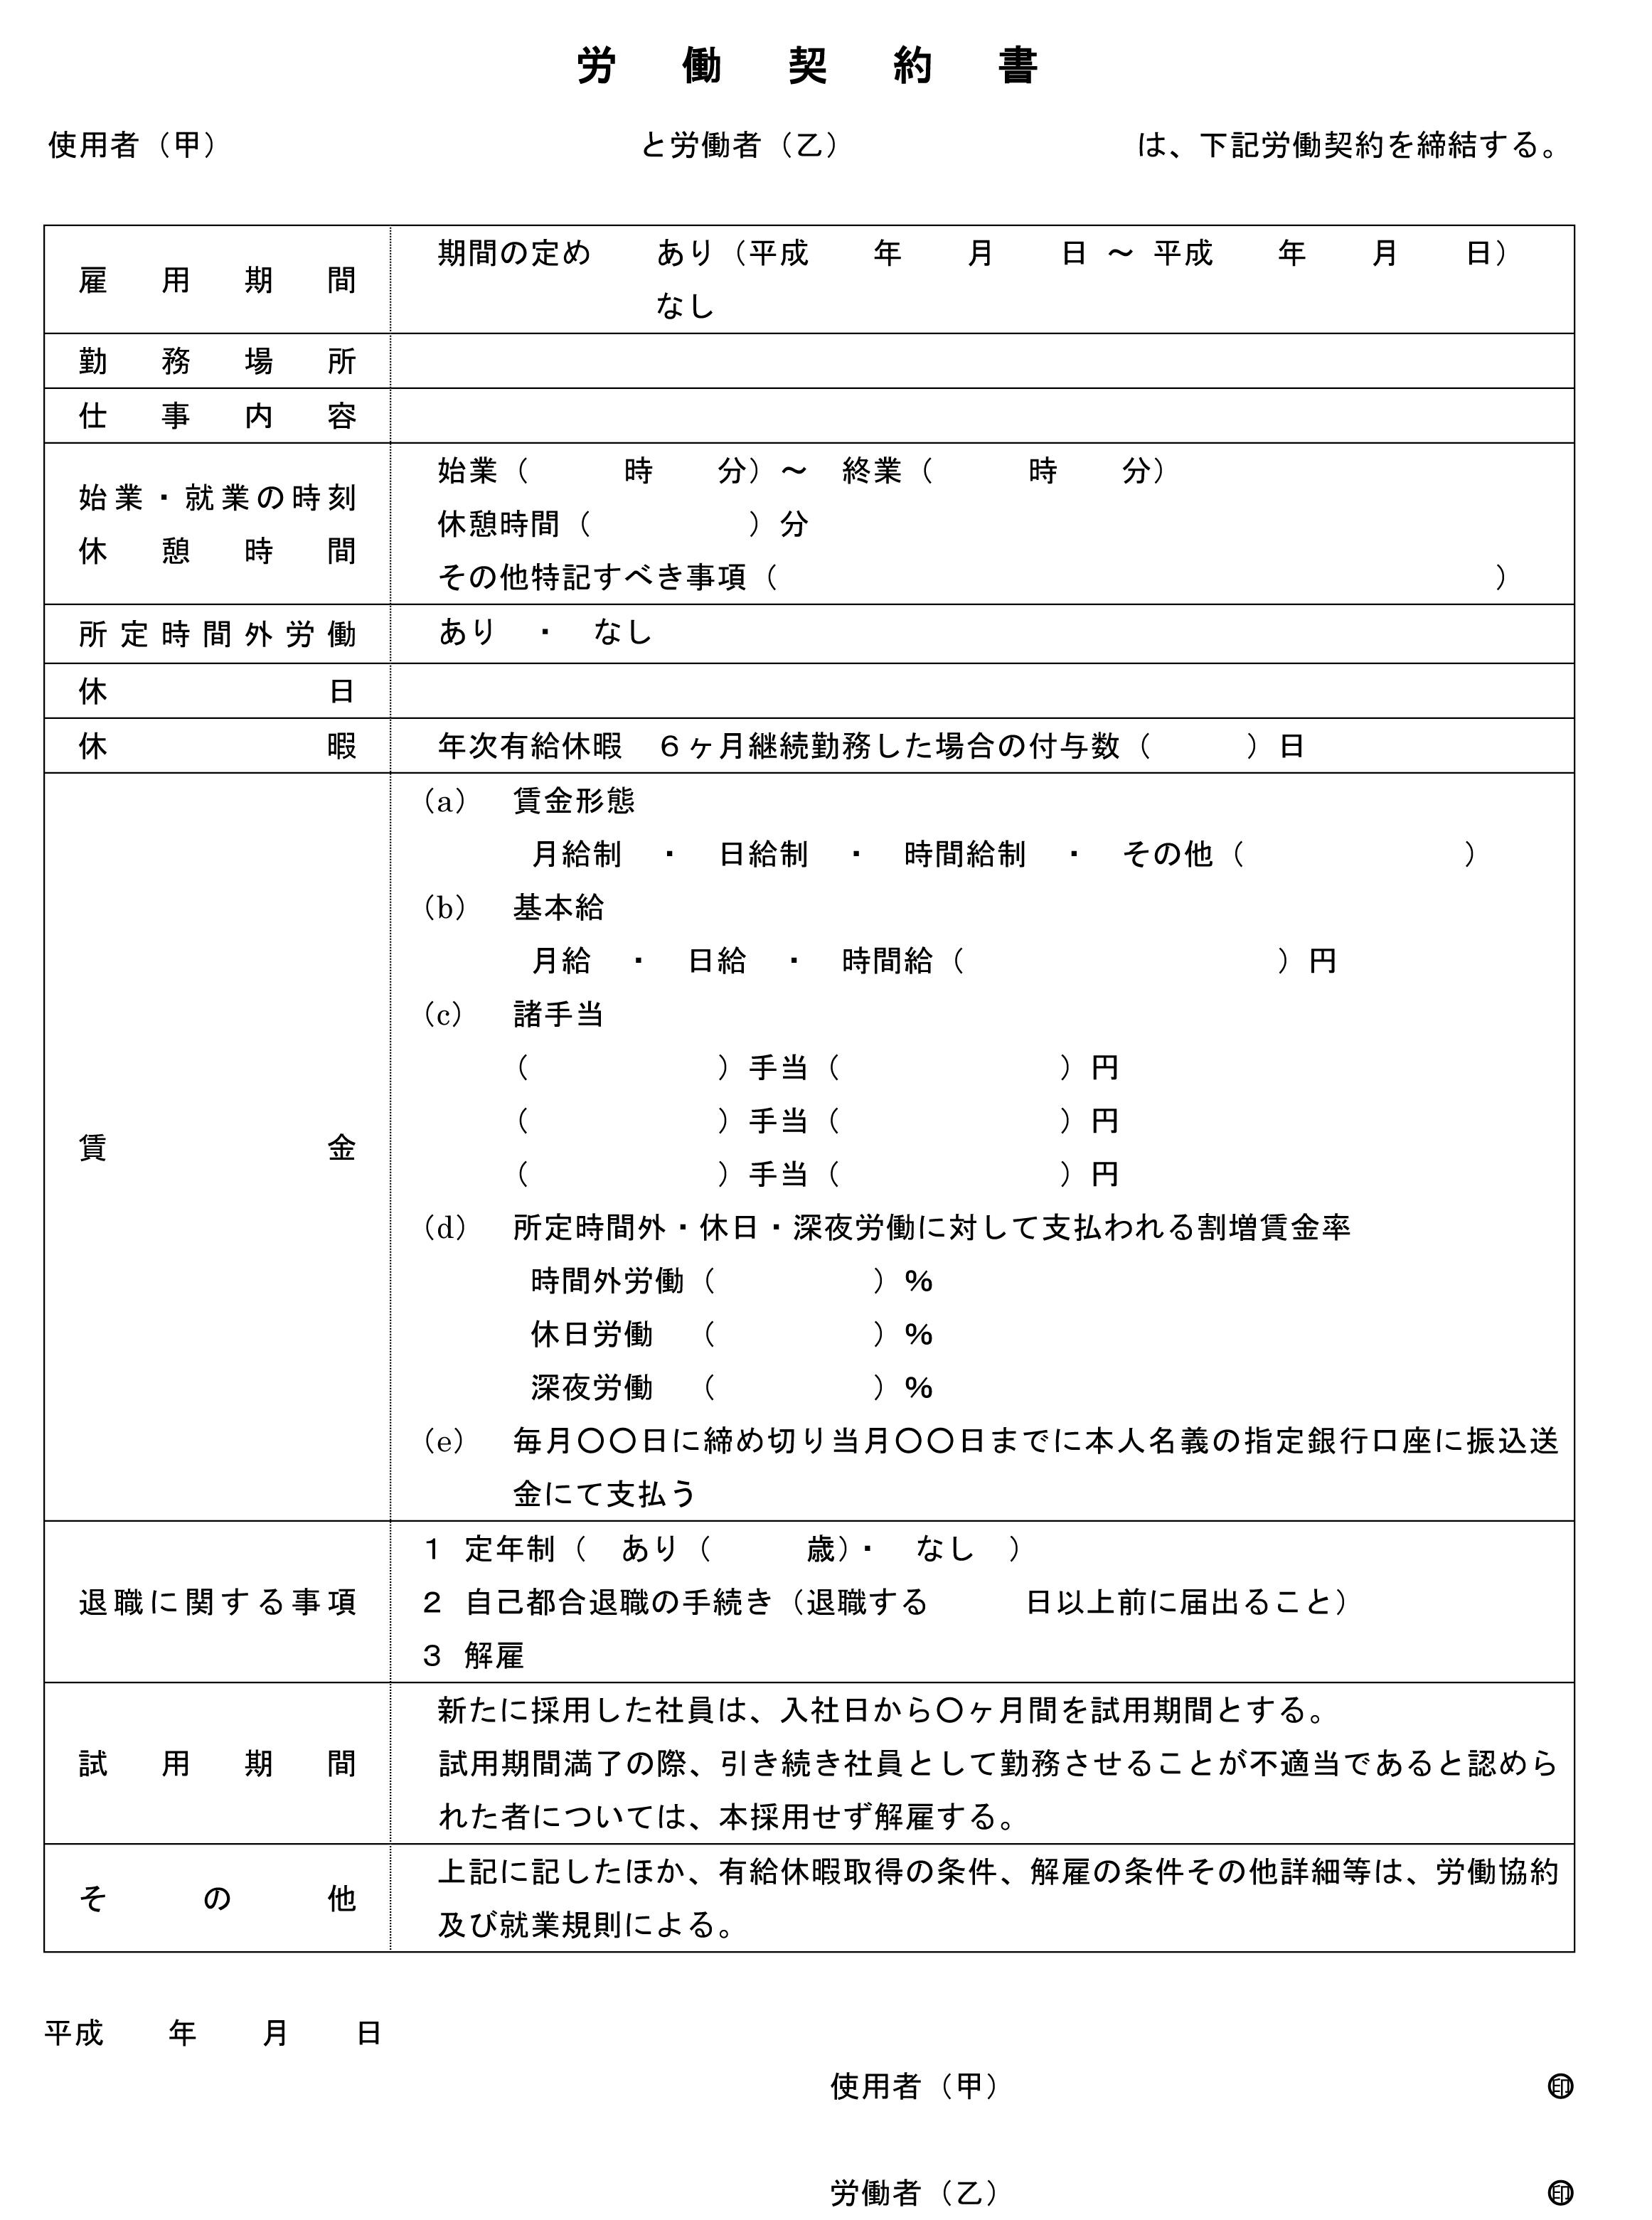 労働契約書(全対応:表形式)